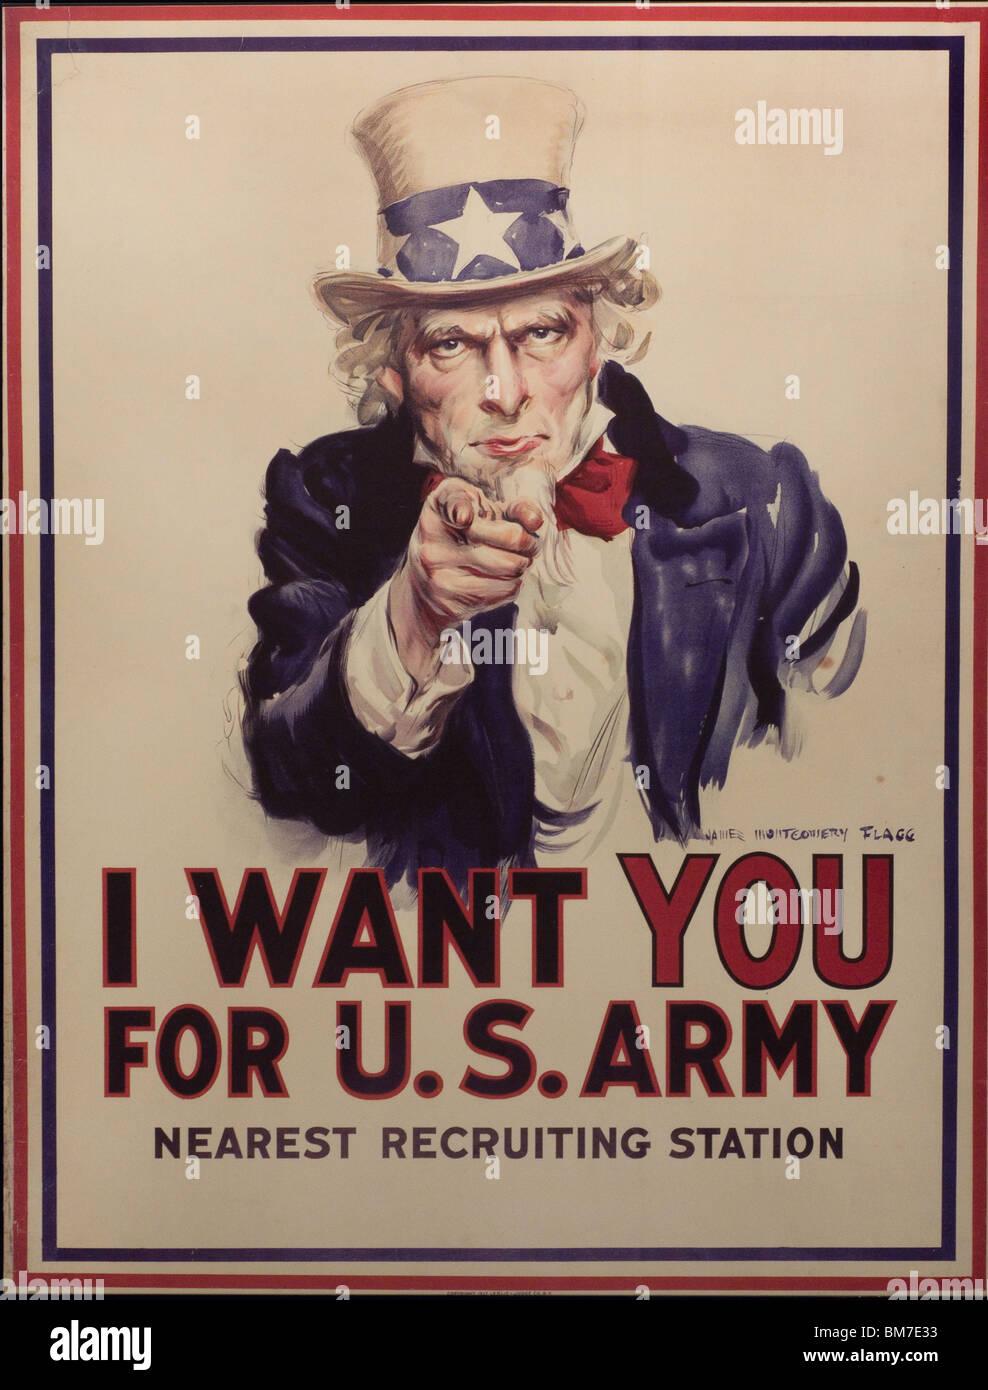 Je veux que vous pour l'armée américaine ' Affiche de l'Oncle Sam de propagande - propaganda Photo Stock